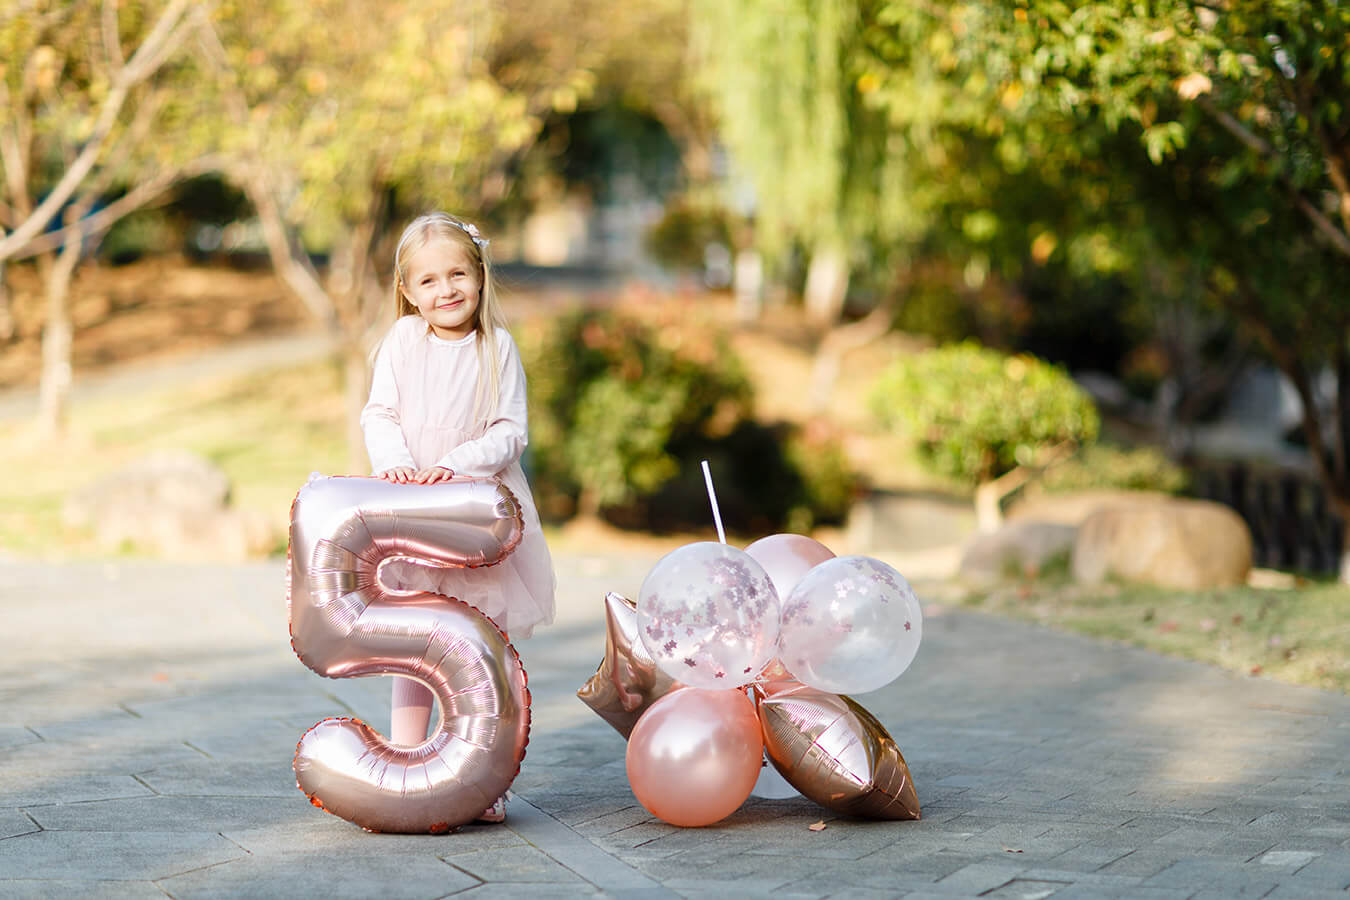 Waga i wzrost 5 latka – Ile powinien ważyć i mierzyć 5 latek? [plus rozmiar buta]